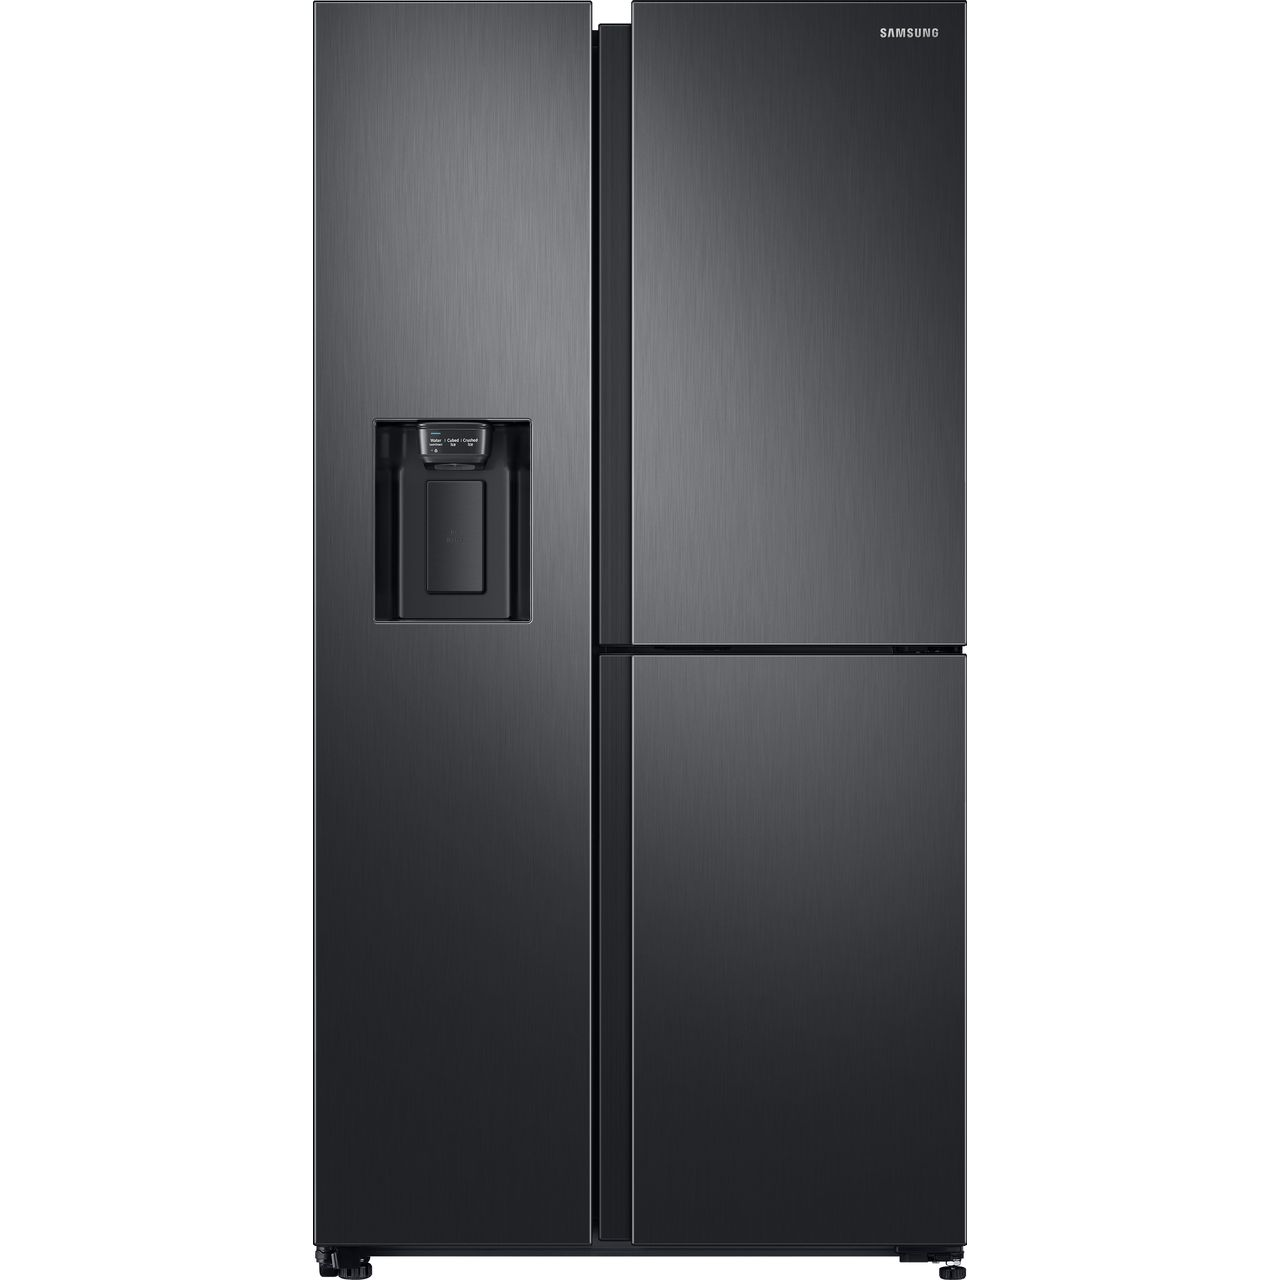 Amerikanischen Kühlschrank Liegend Transportieren : Side by side kühlschrank liegend transportieren: samsung side by